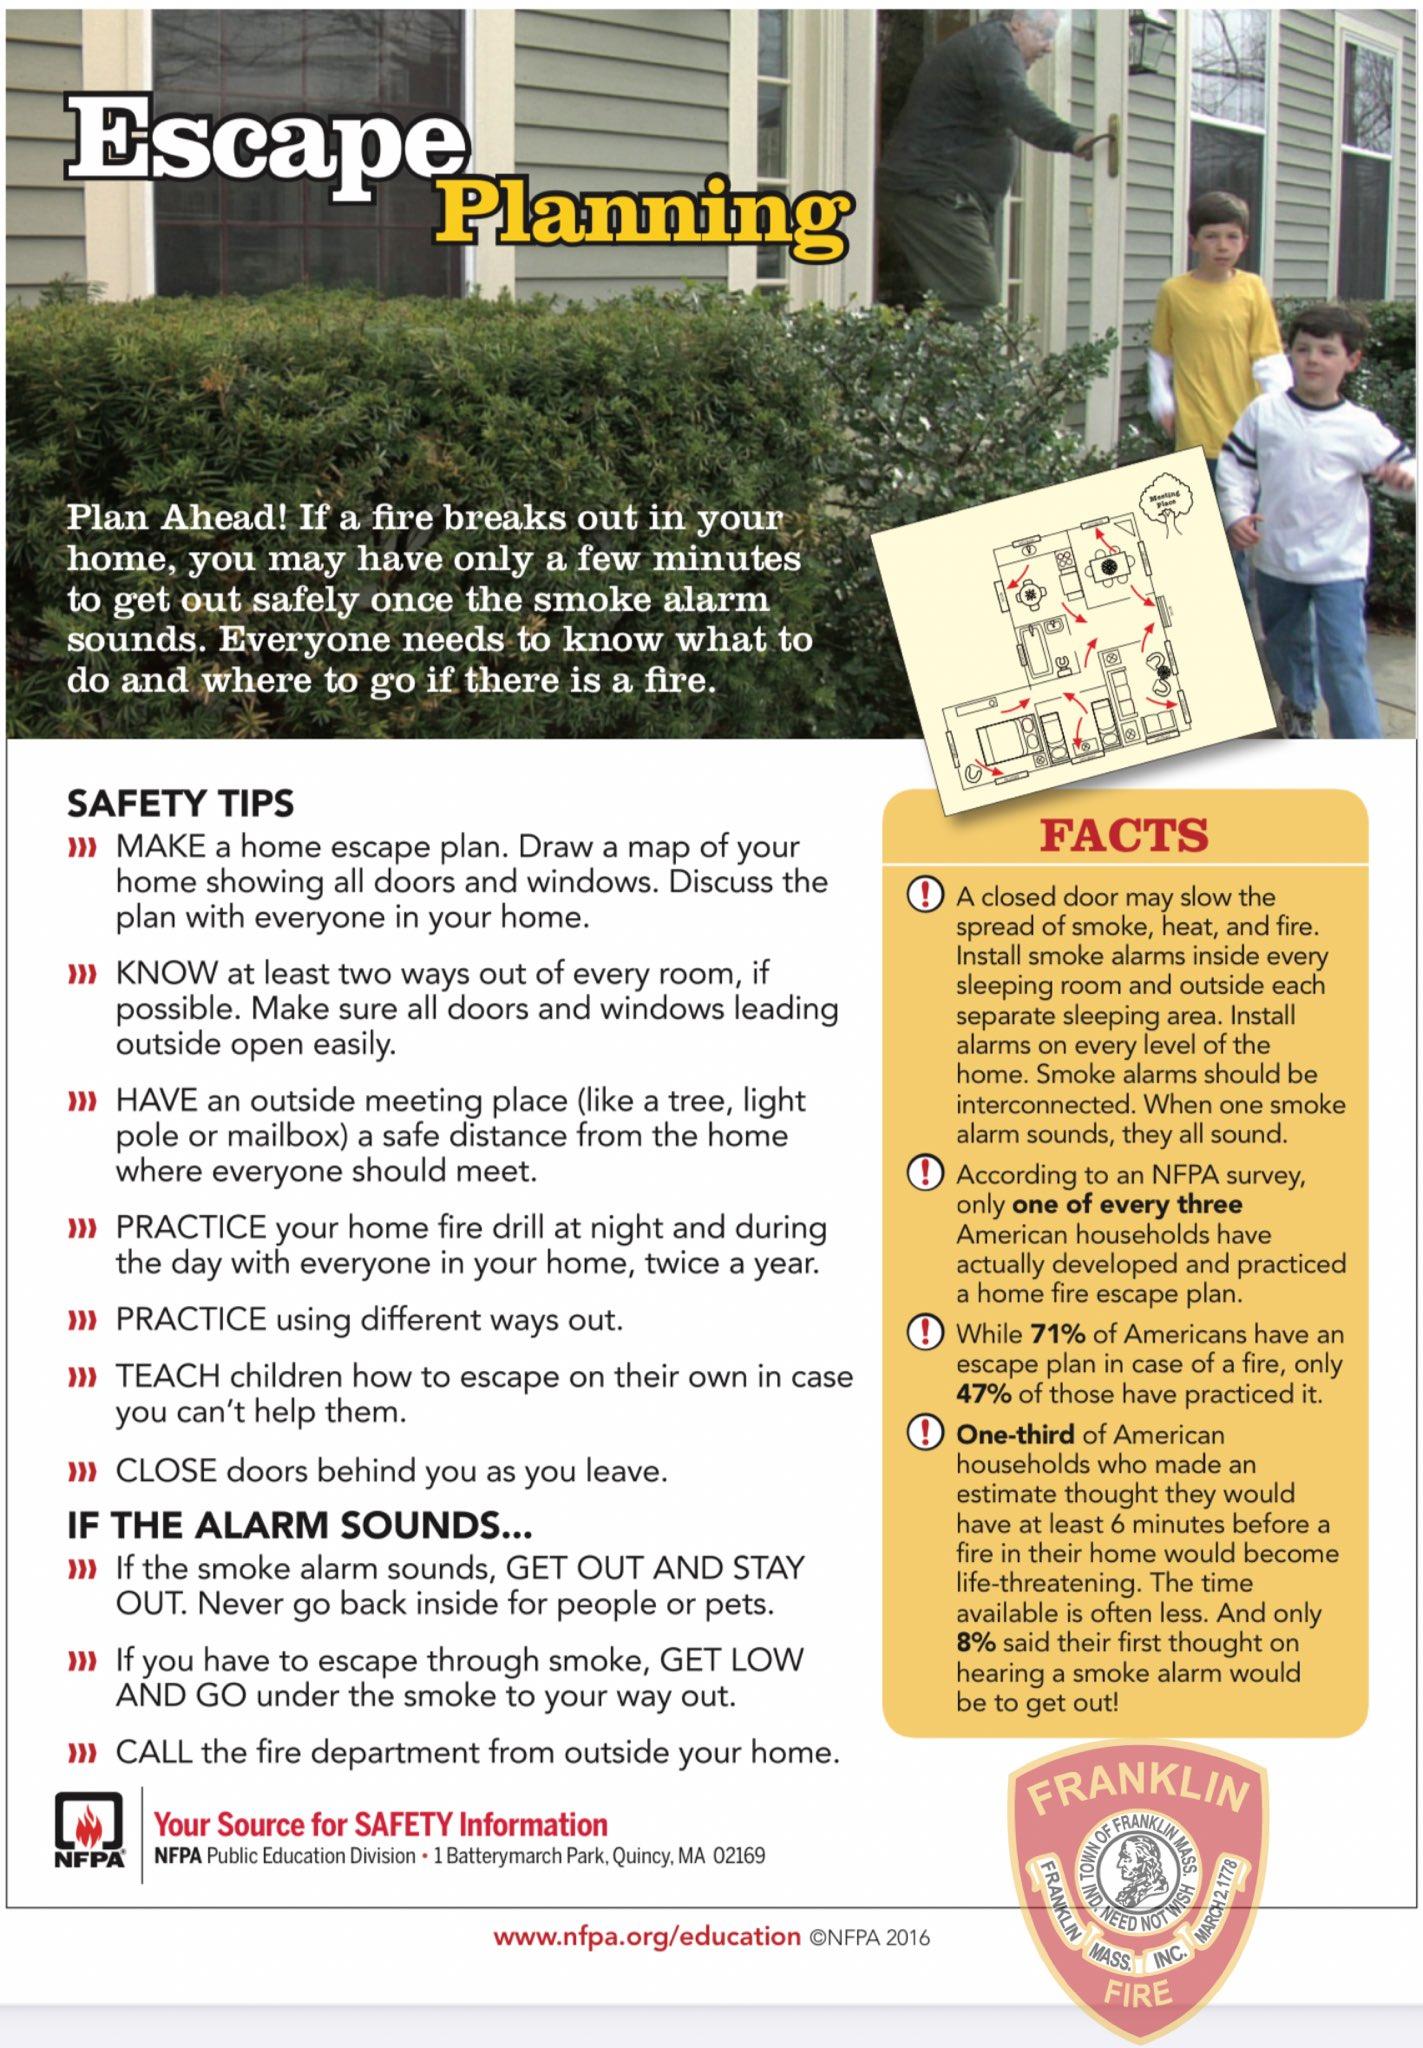 Franklin Fire SAFE Program - Practice your home escape plan